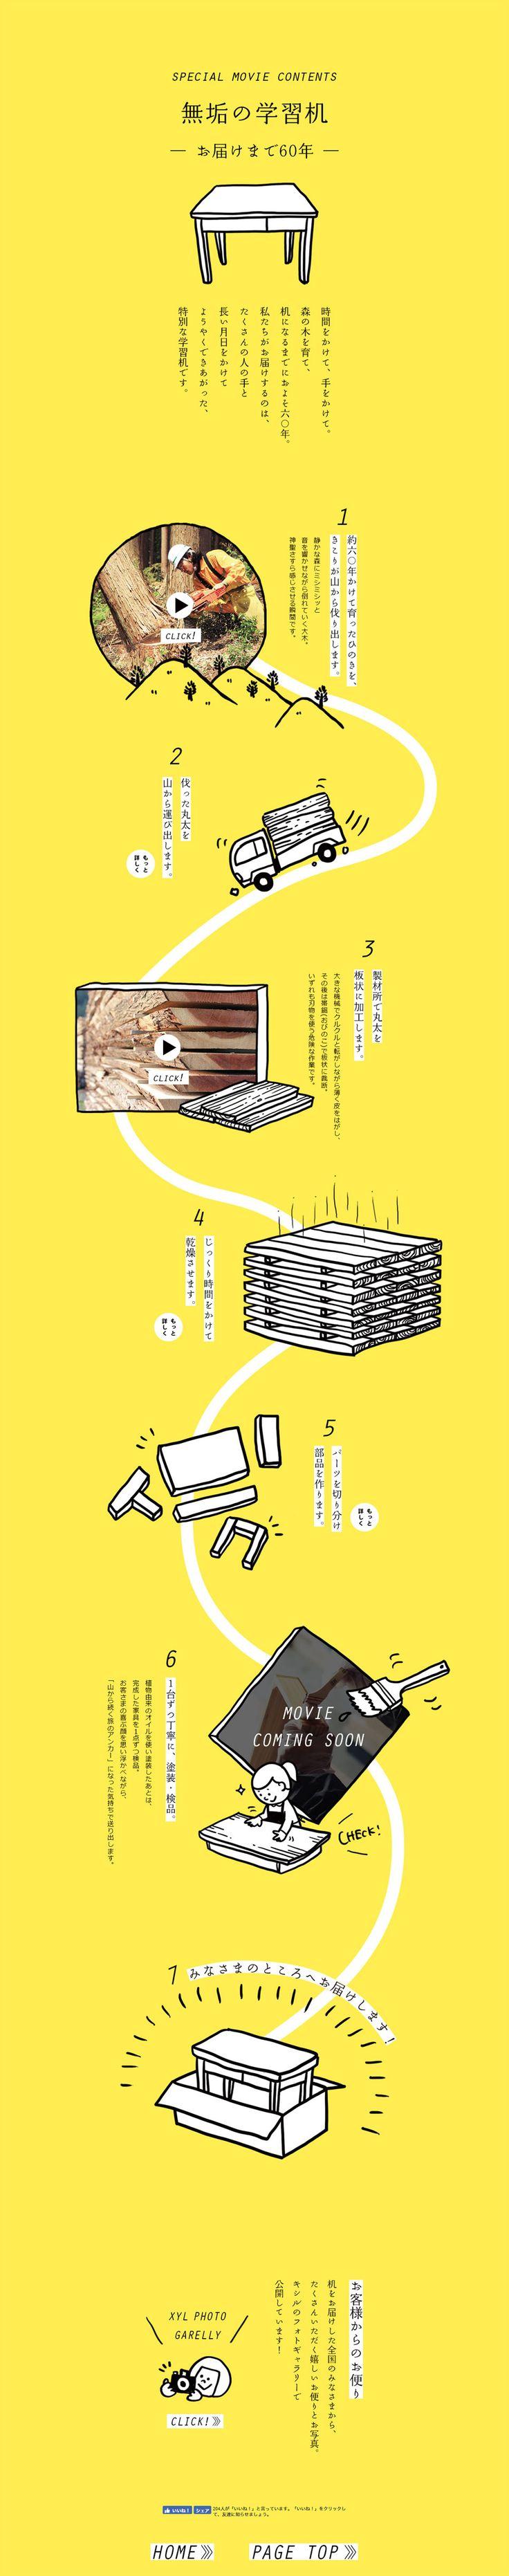 無垢の学習机【インテリア関連】のLPデザイン。WEBデザイナーさん必見!ランディングページのデザイン参考に(シンプル系)